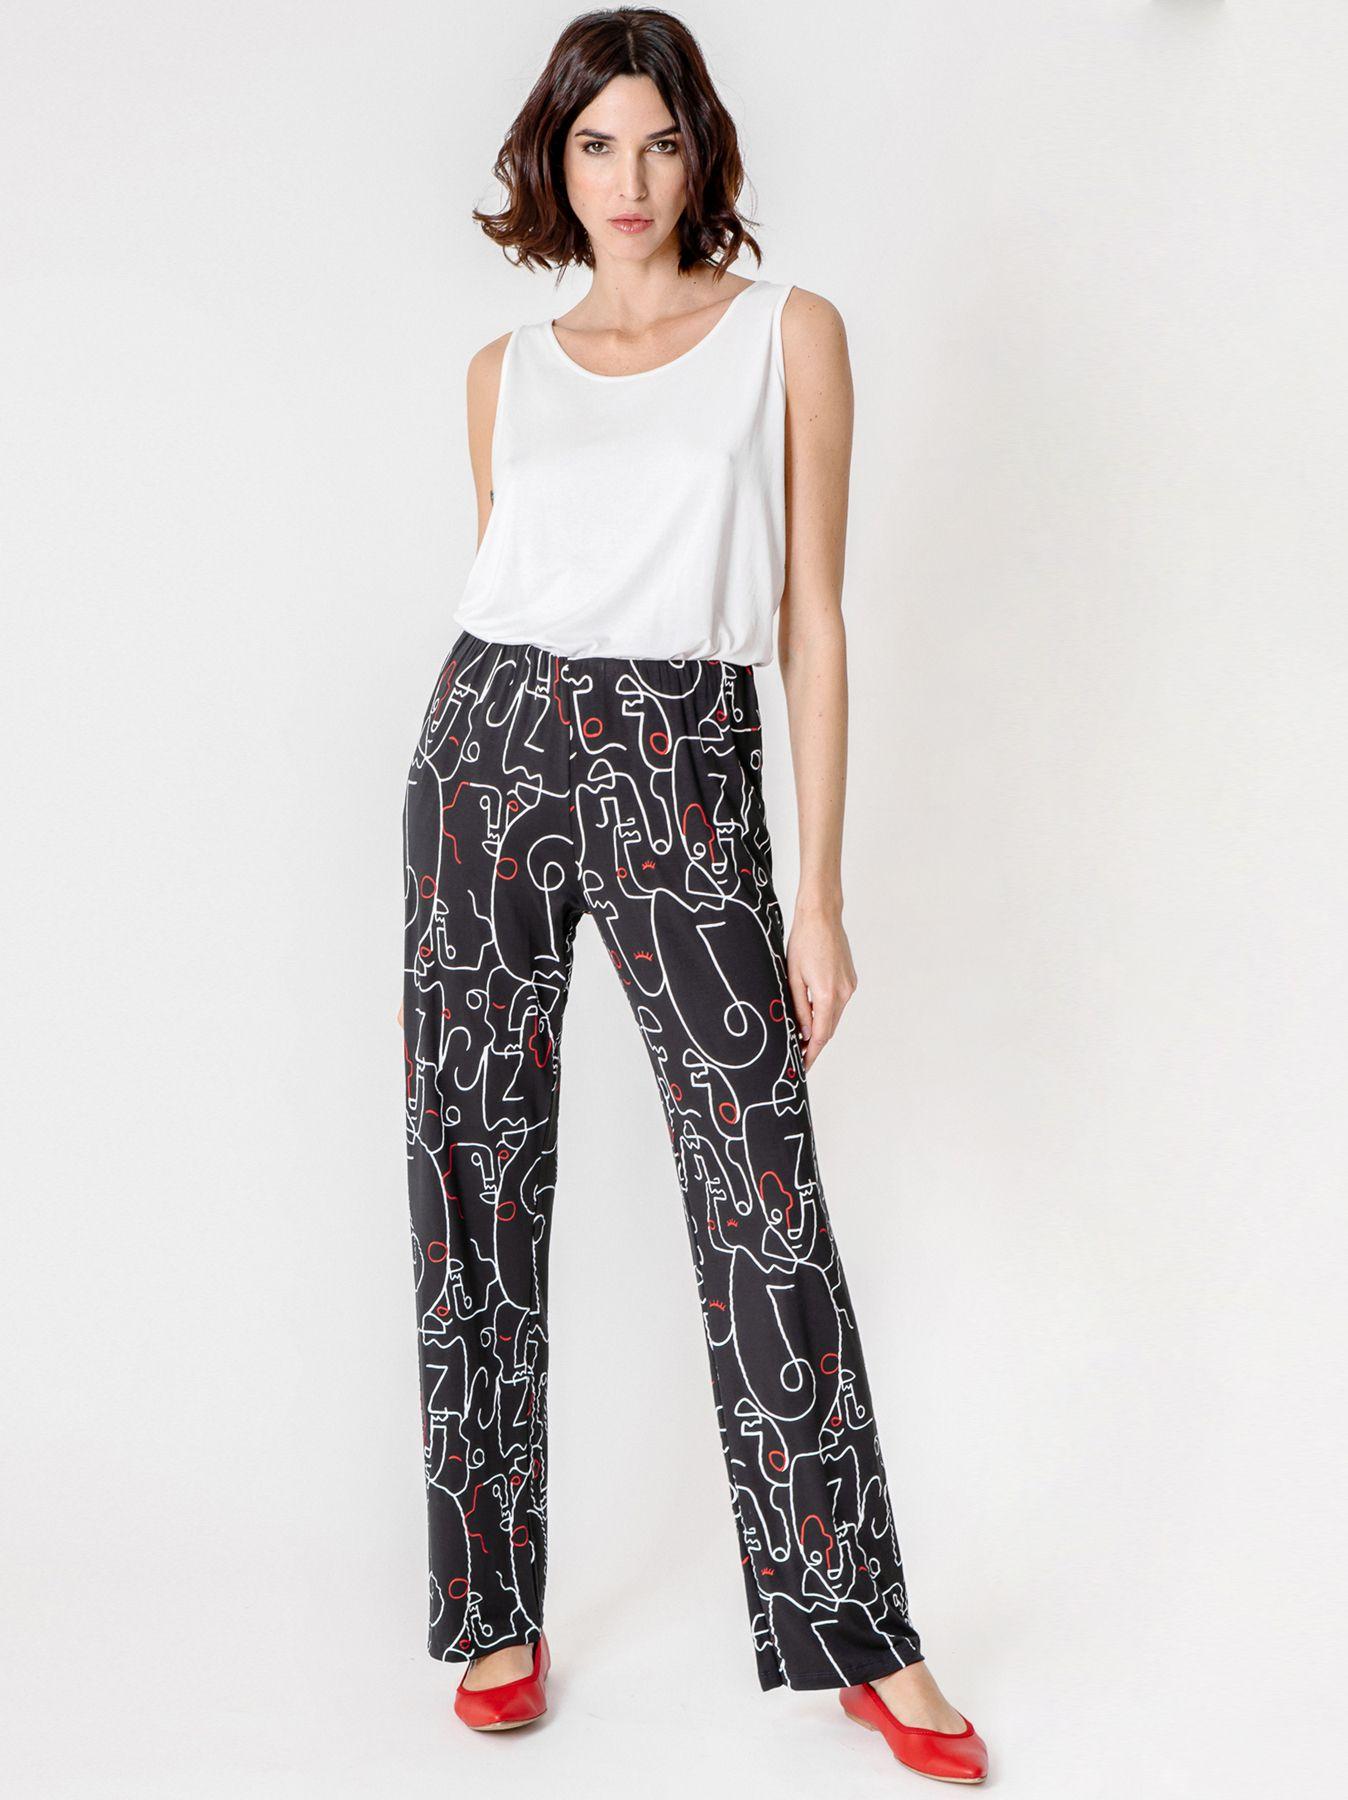 Pantalone morbido con stampa all over